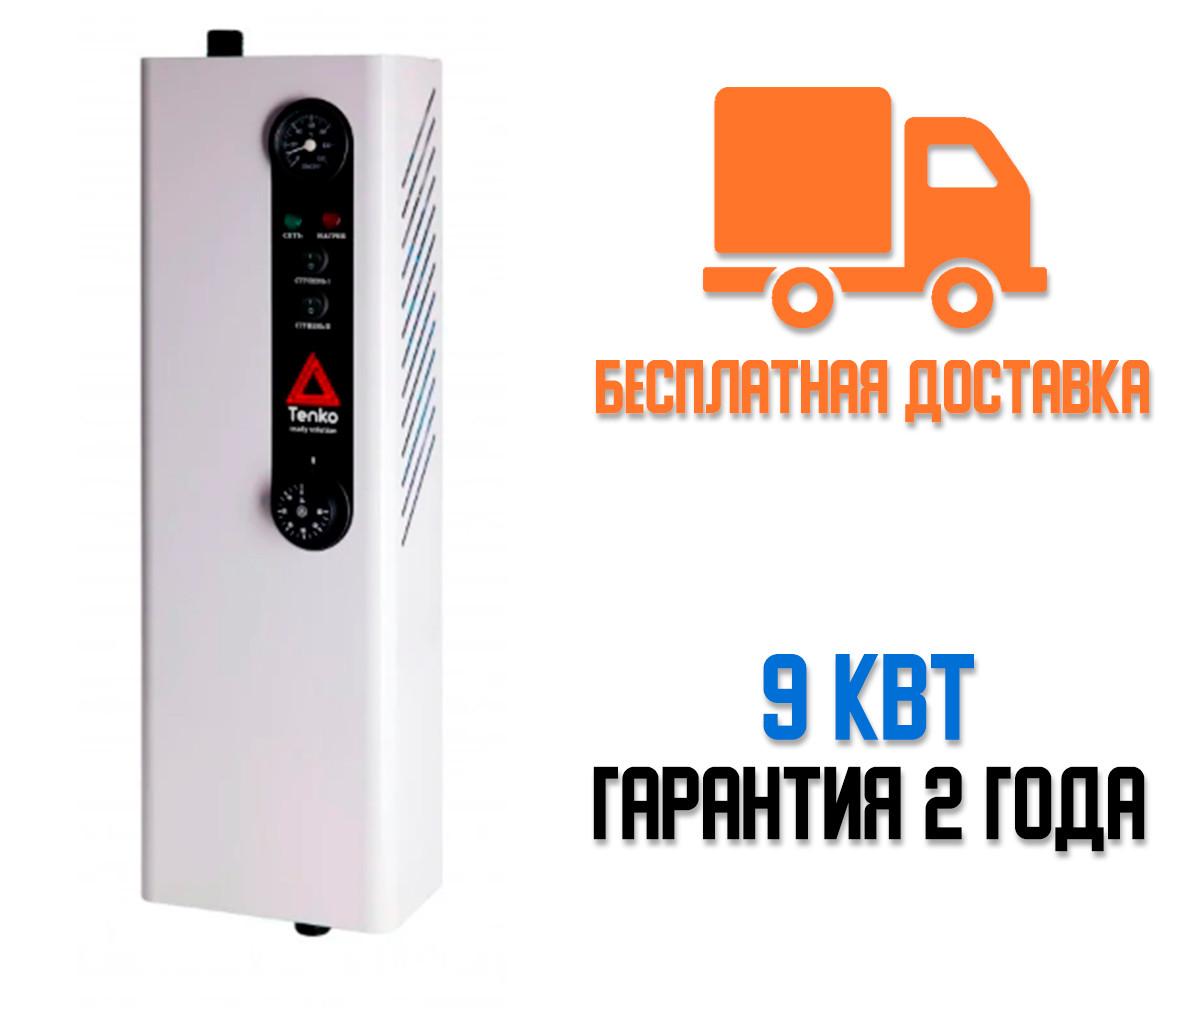 Котел электрический Tenko 9 кВт/380 эконом Бесплатная доставка!